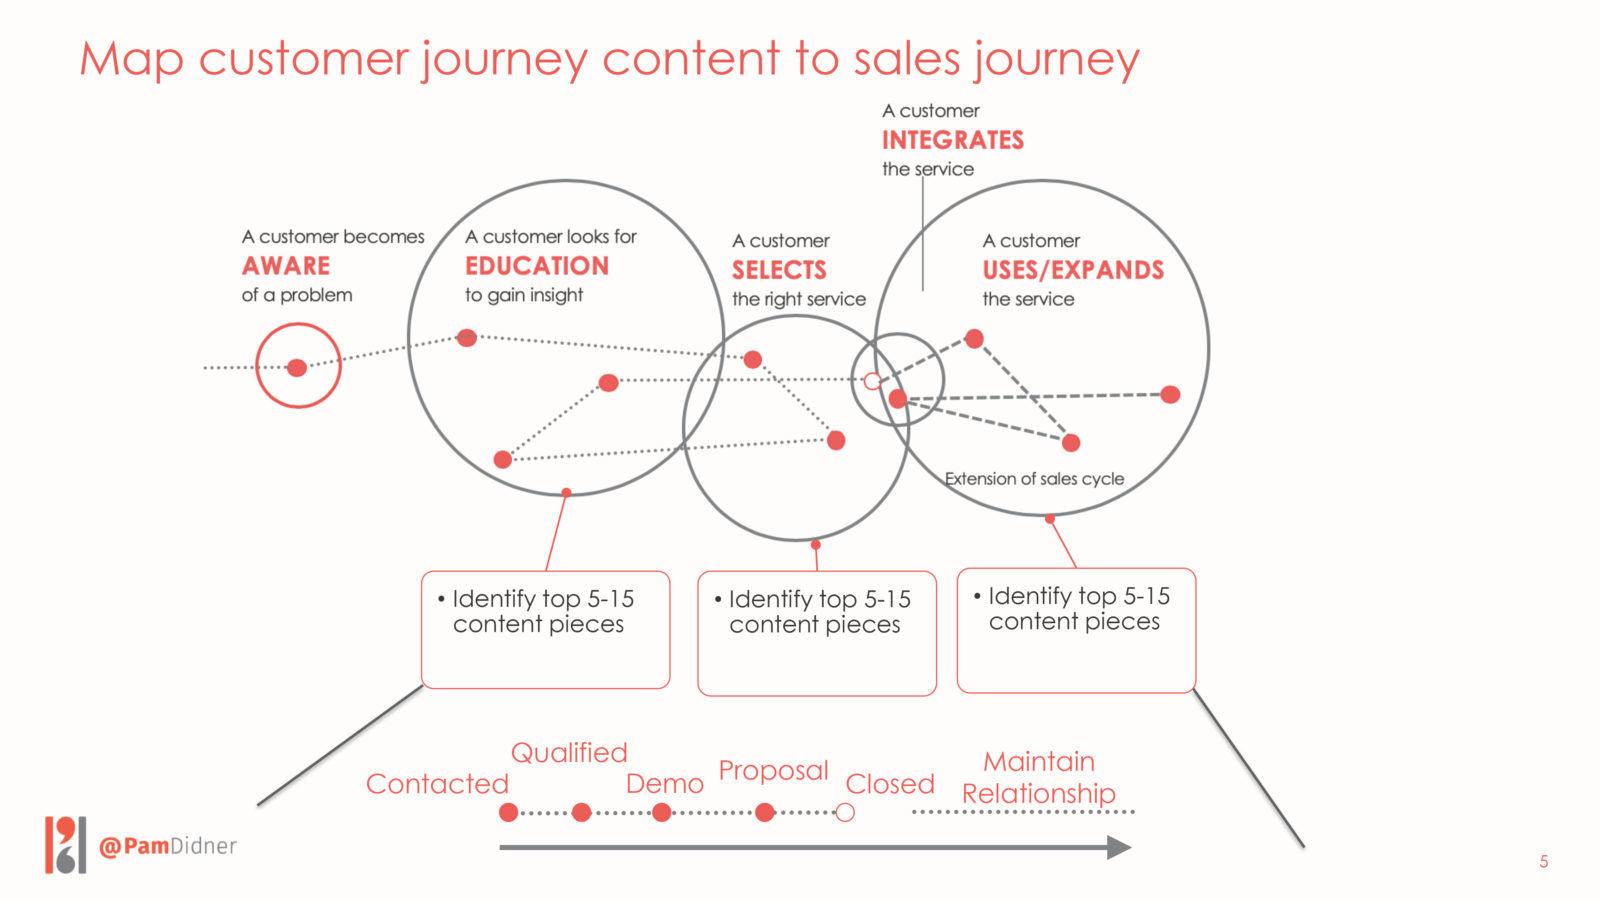 Customer-Centric Journey, Sales Content, Jacco Van Der Kooij, manufacturing sales tips